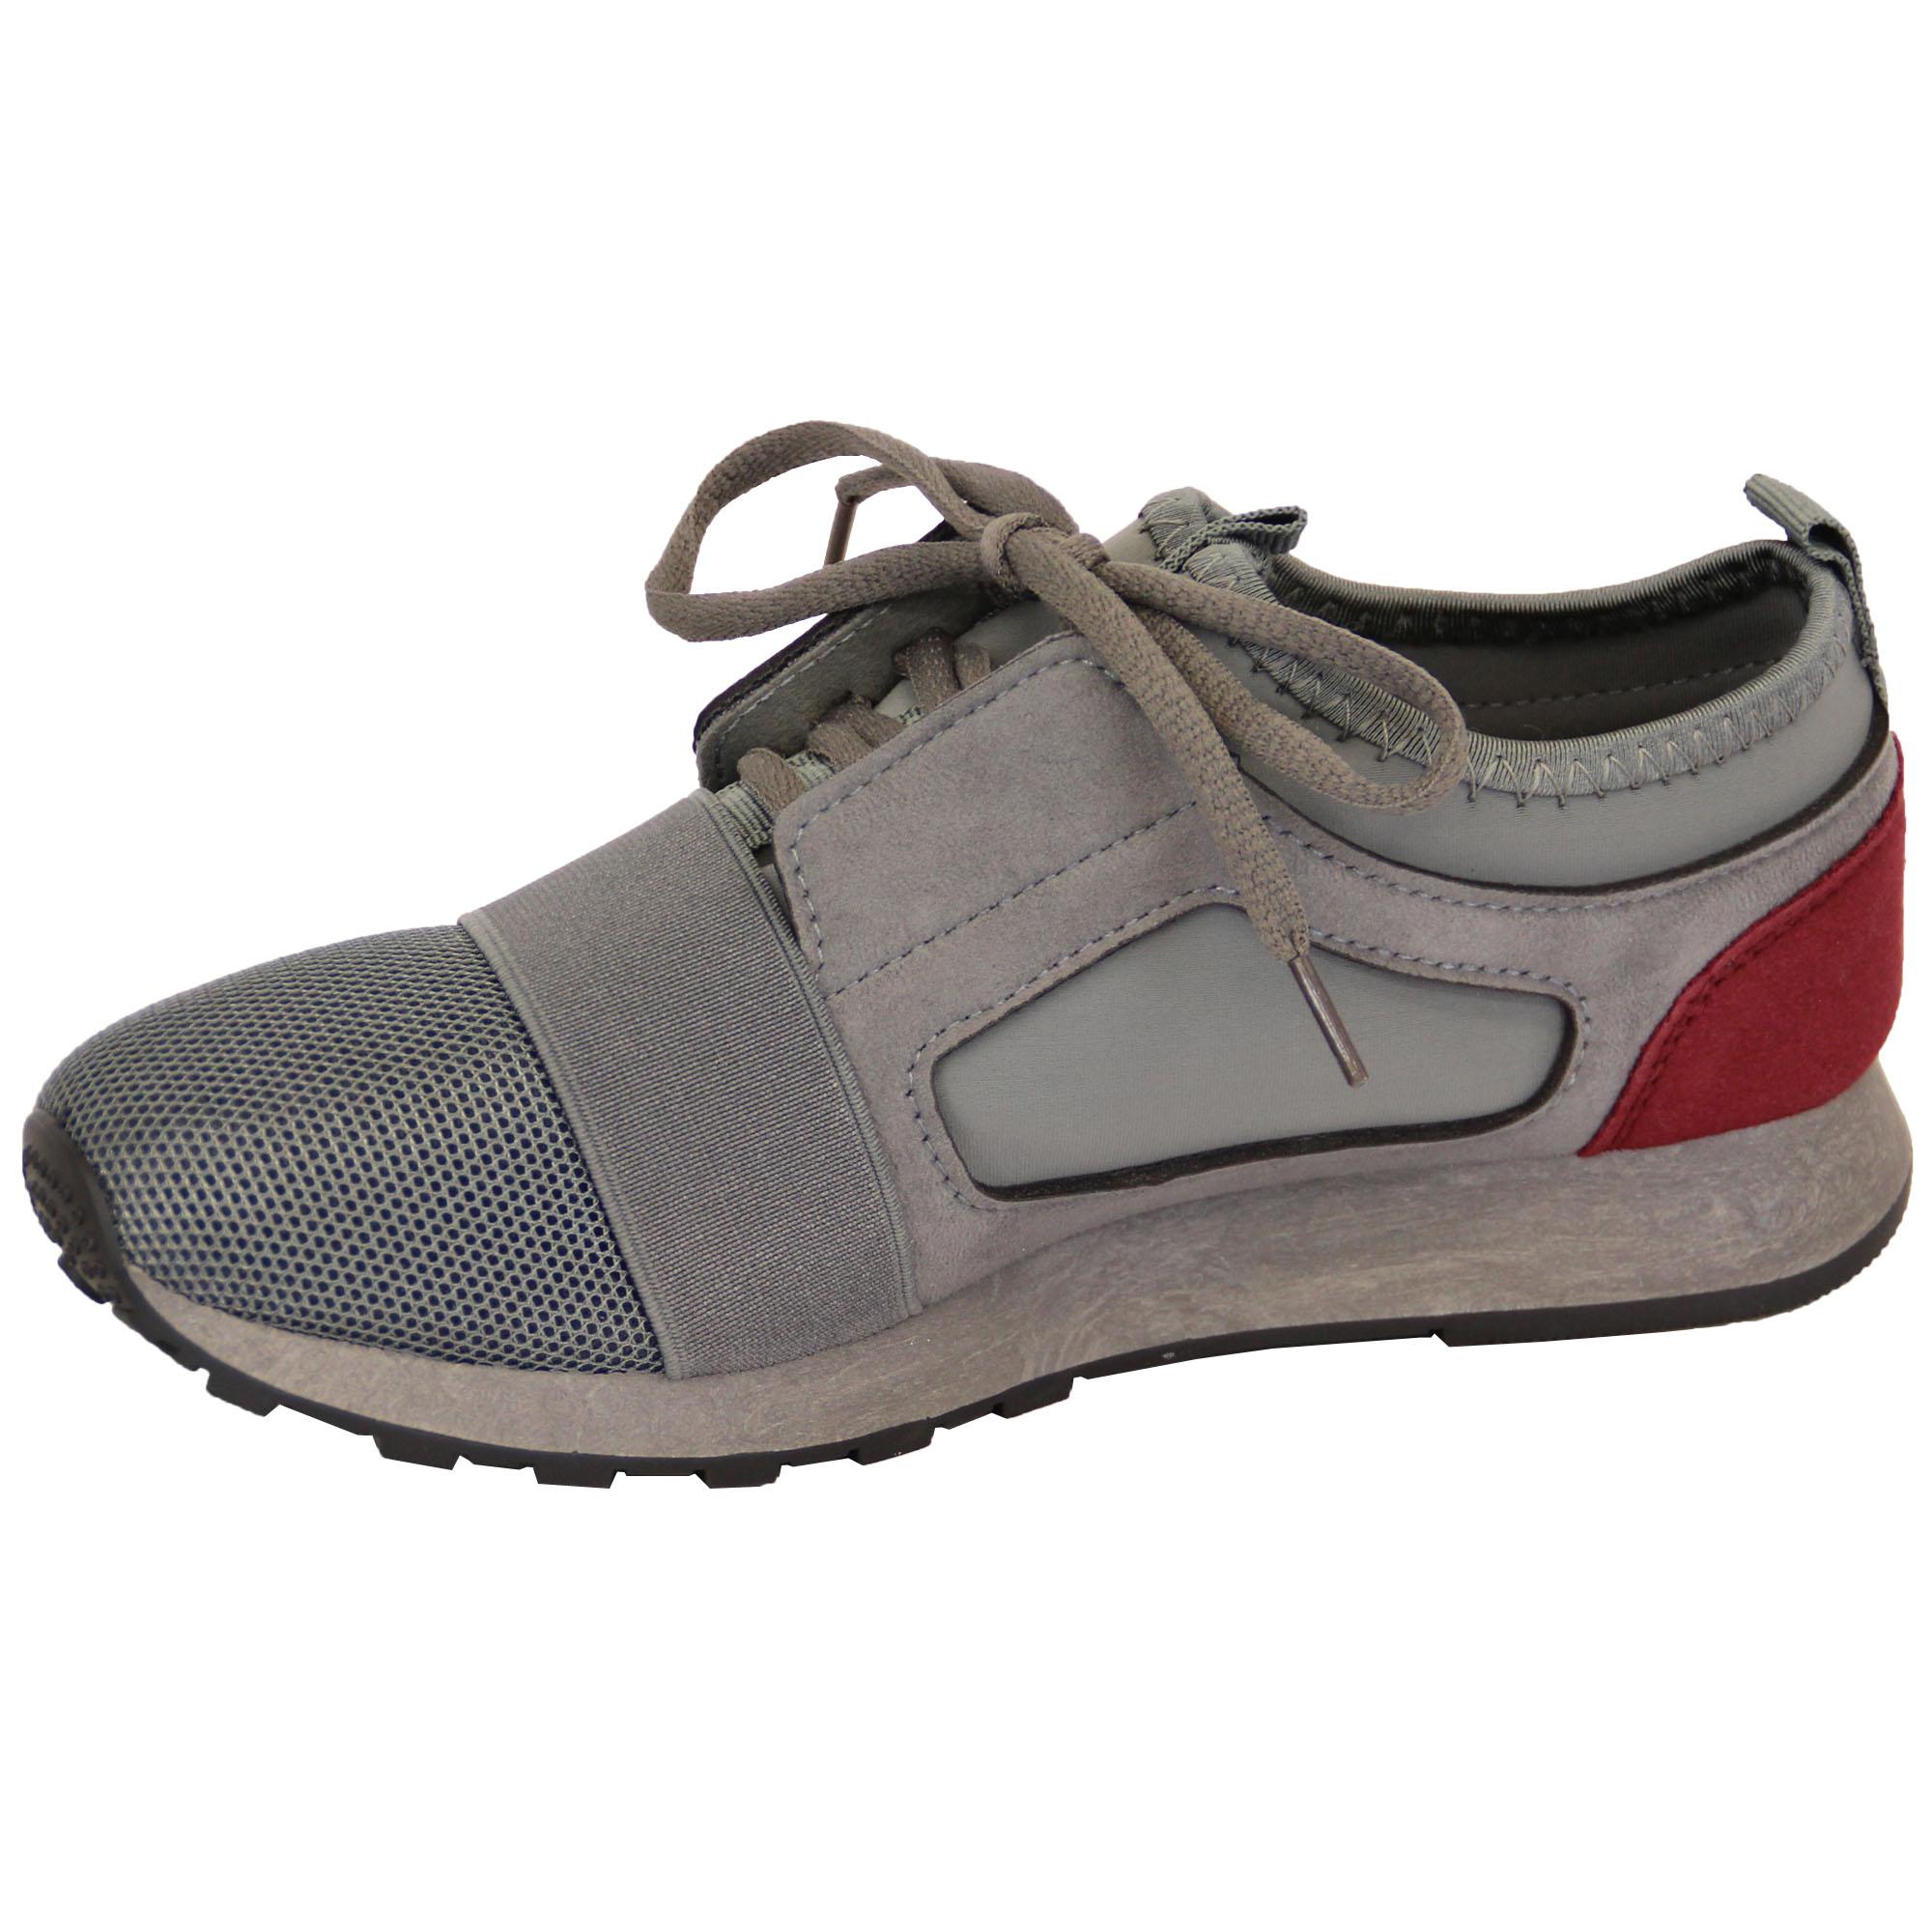 comprar zapatillas salomon ni�os rebajas